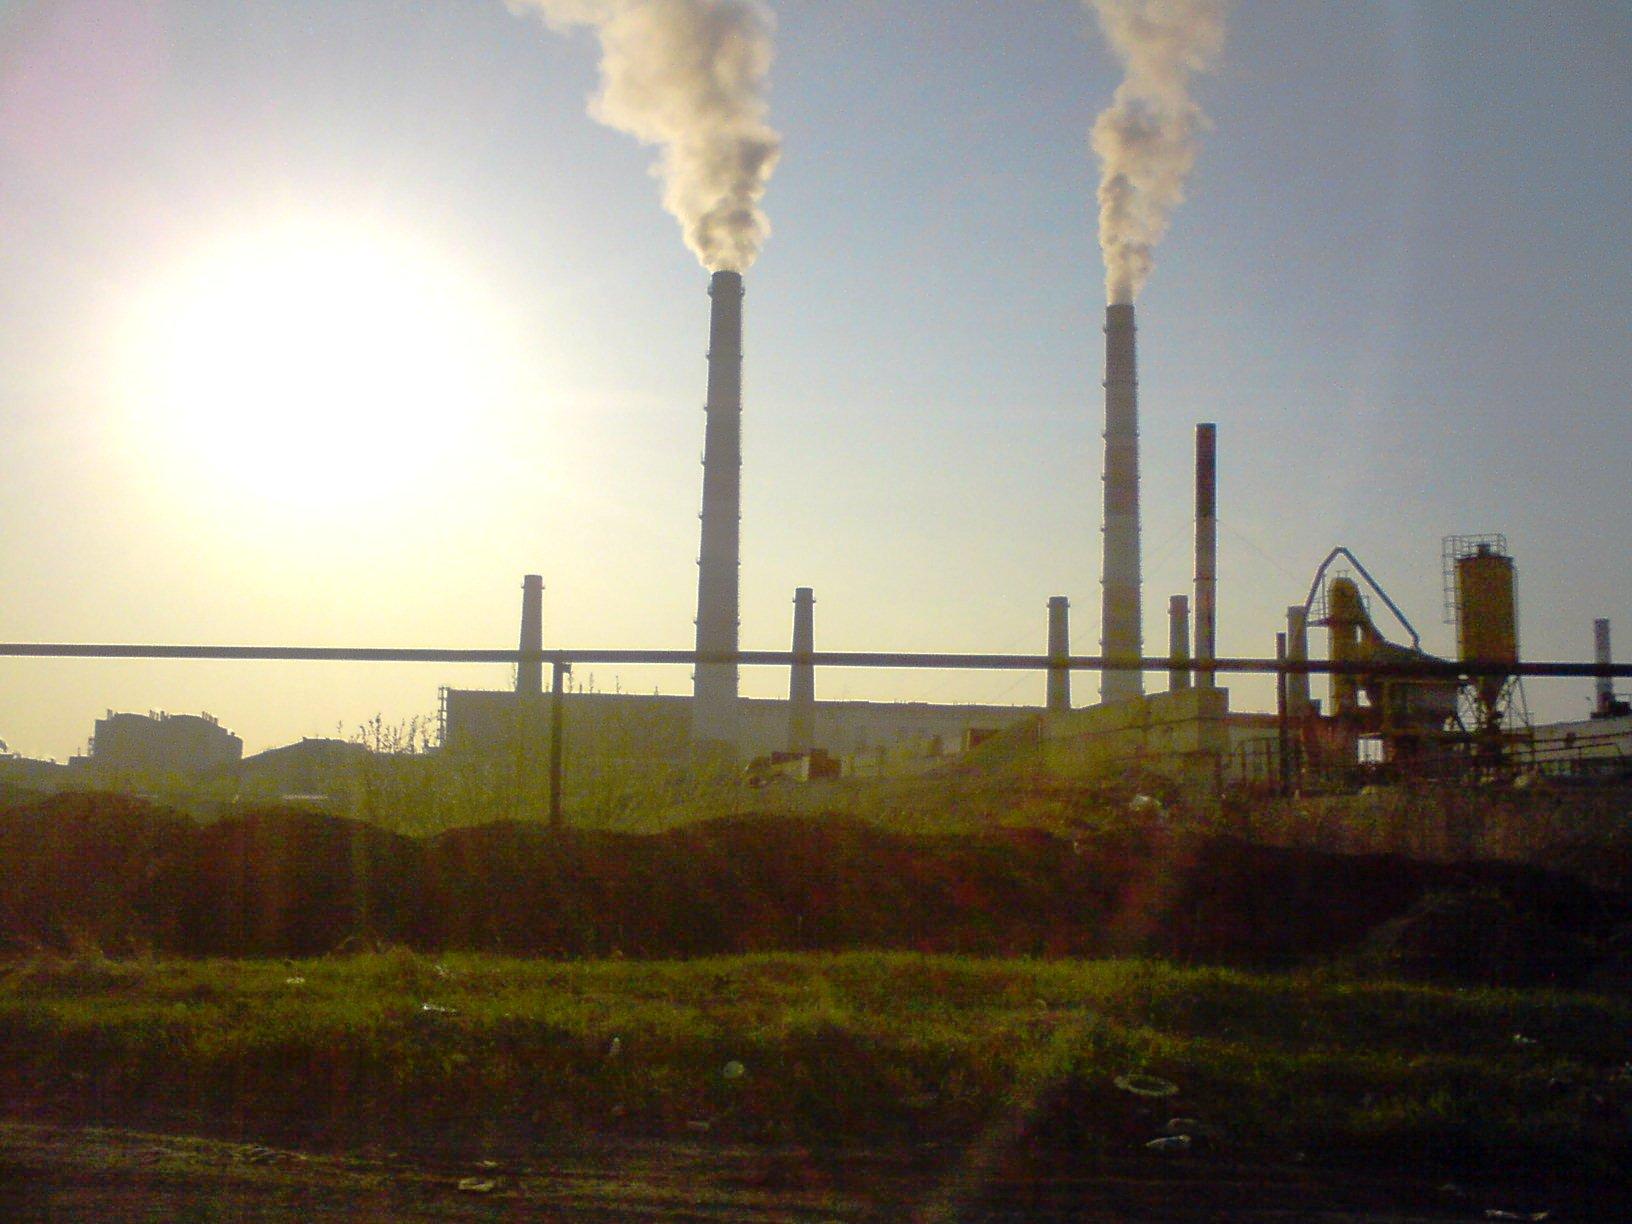 Фото № 8543 Уаз стандарт предприятия уральский алюминиевый завод